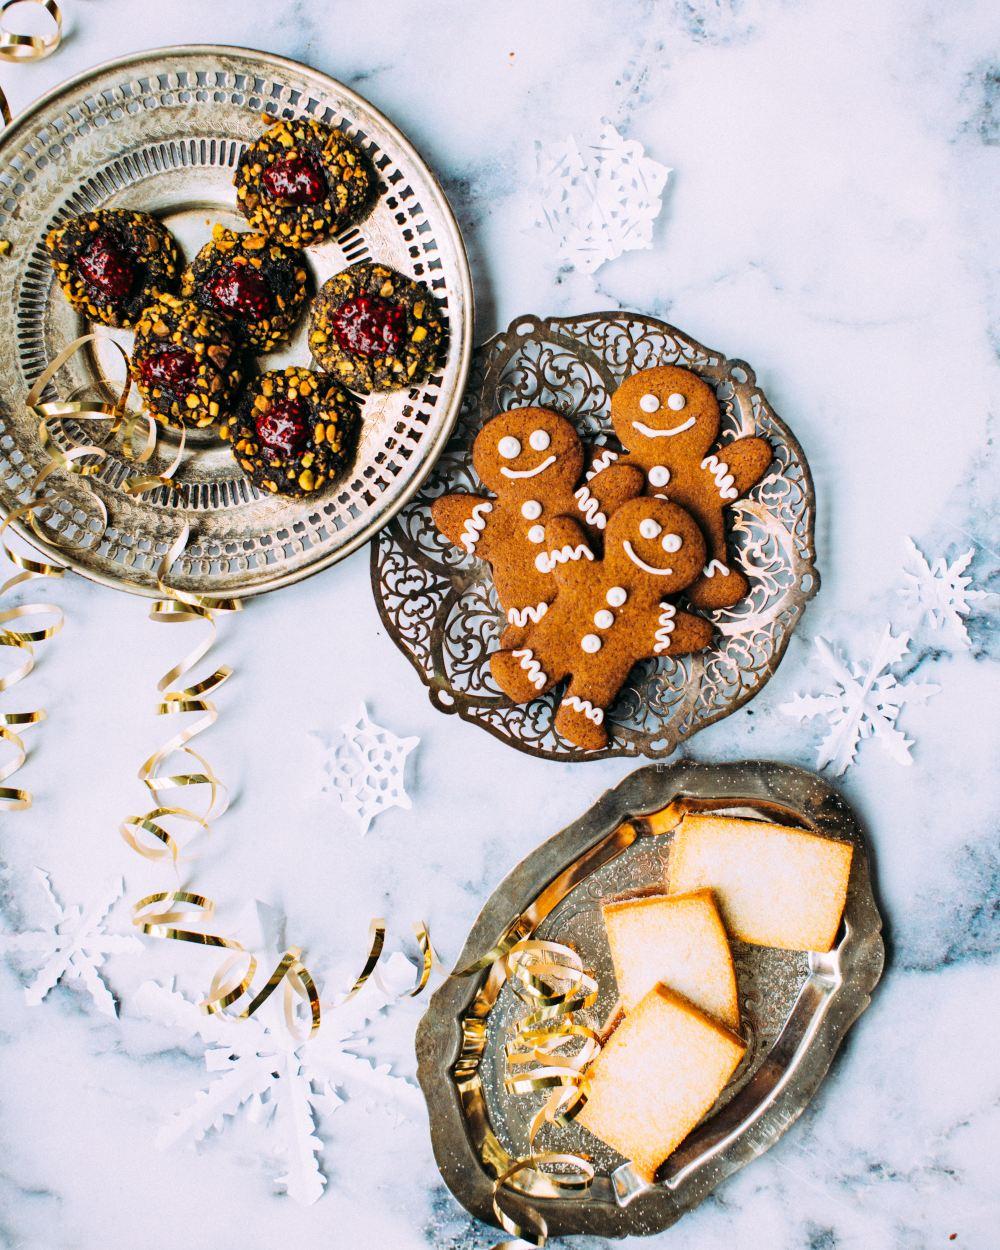 food-photographer-jennifer-pallian-XI_EJ7mtqZ8-unsplash